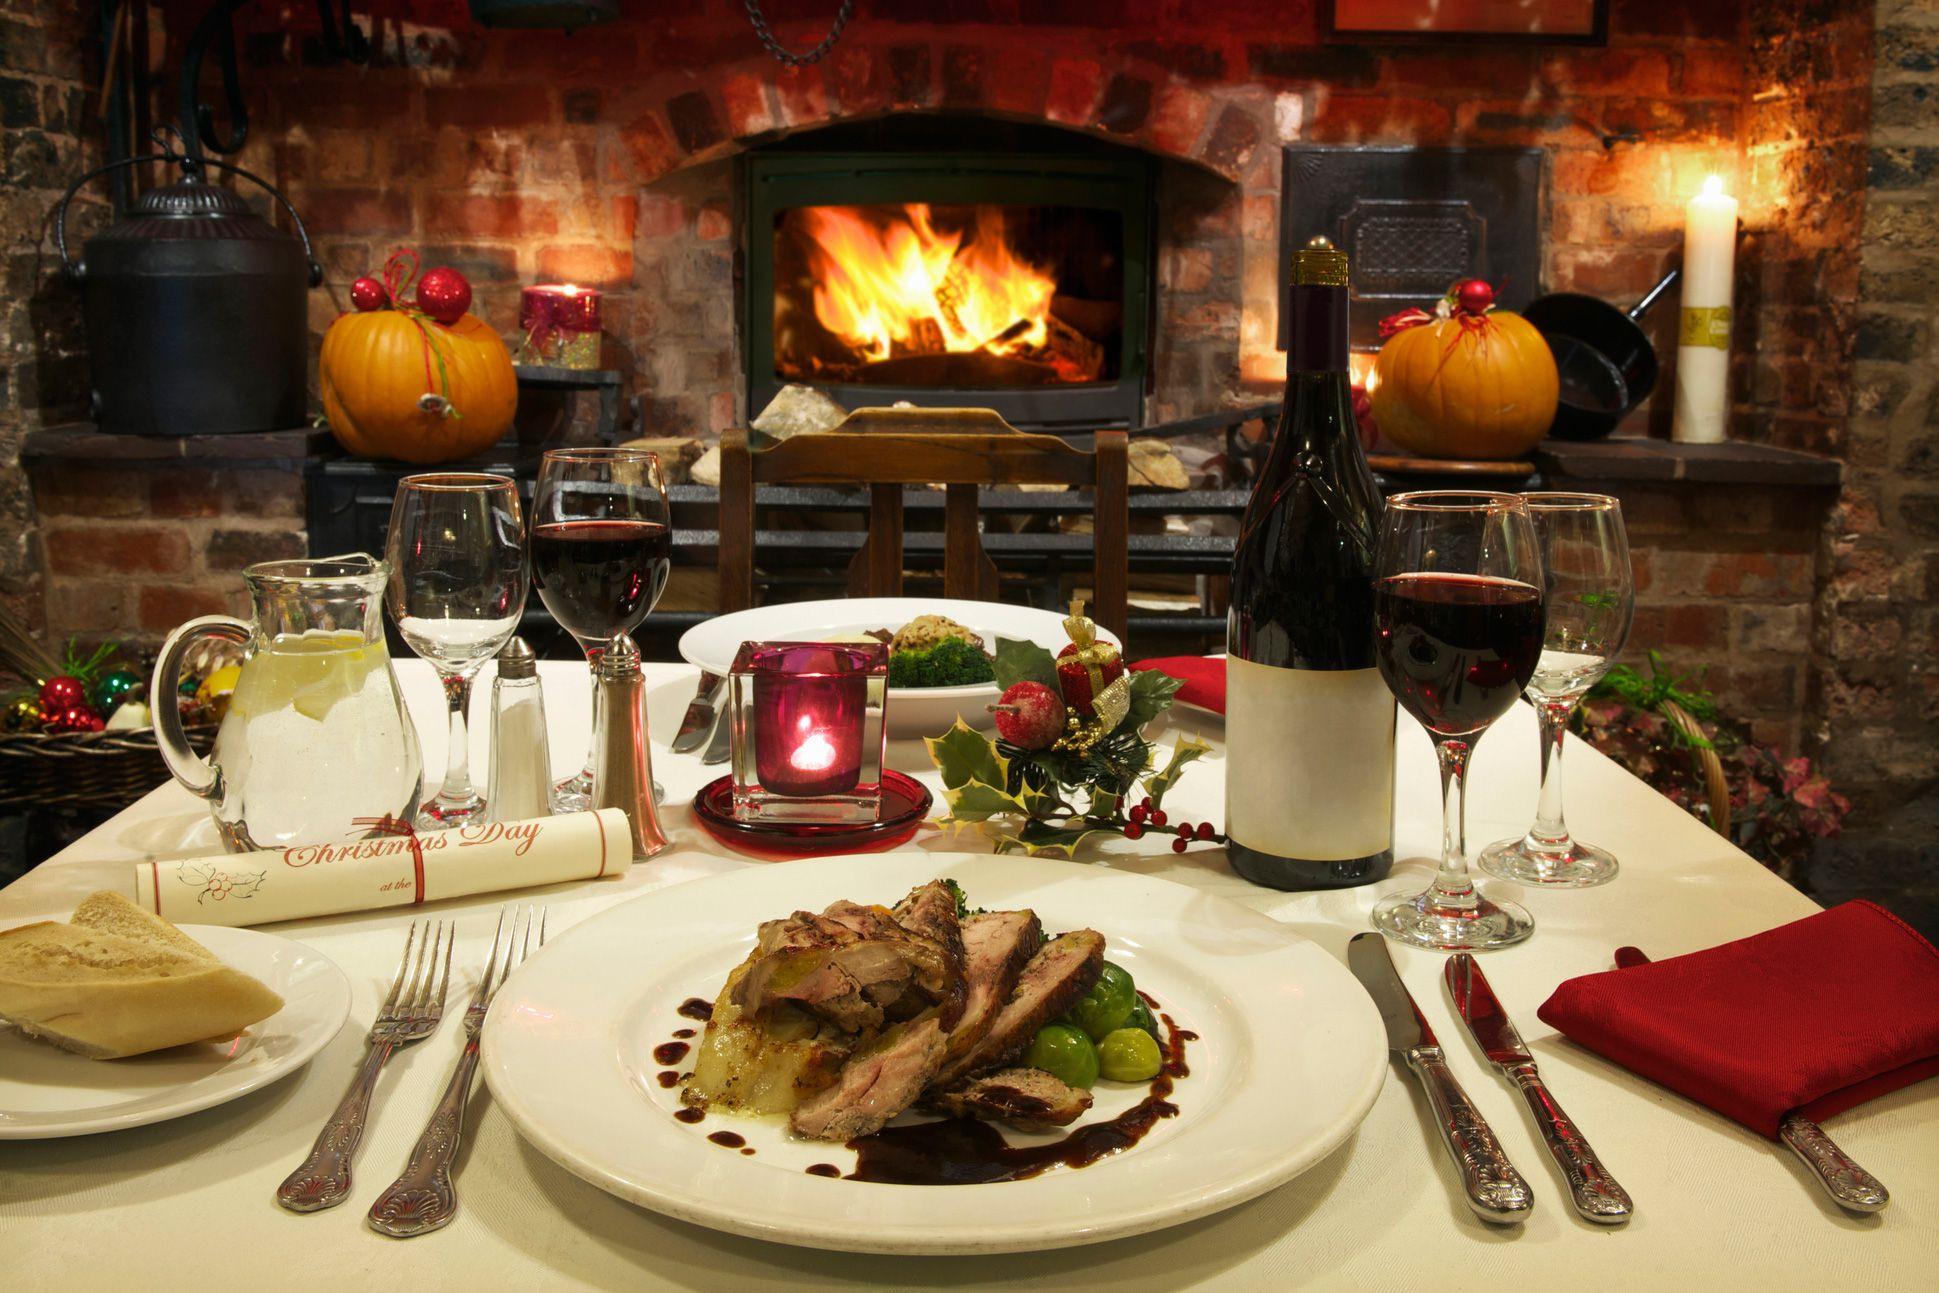 Restaurants Serving Christmas Dinner  Restaurants Open on Christmas Day in Little Rock AR